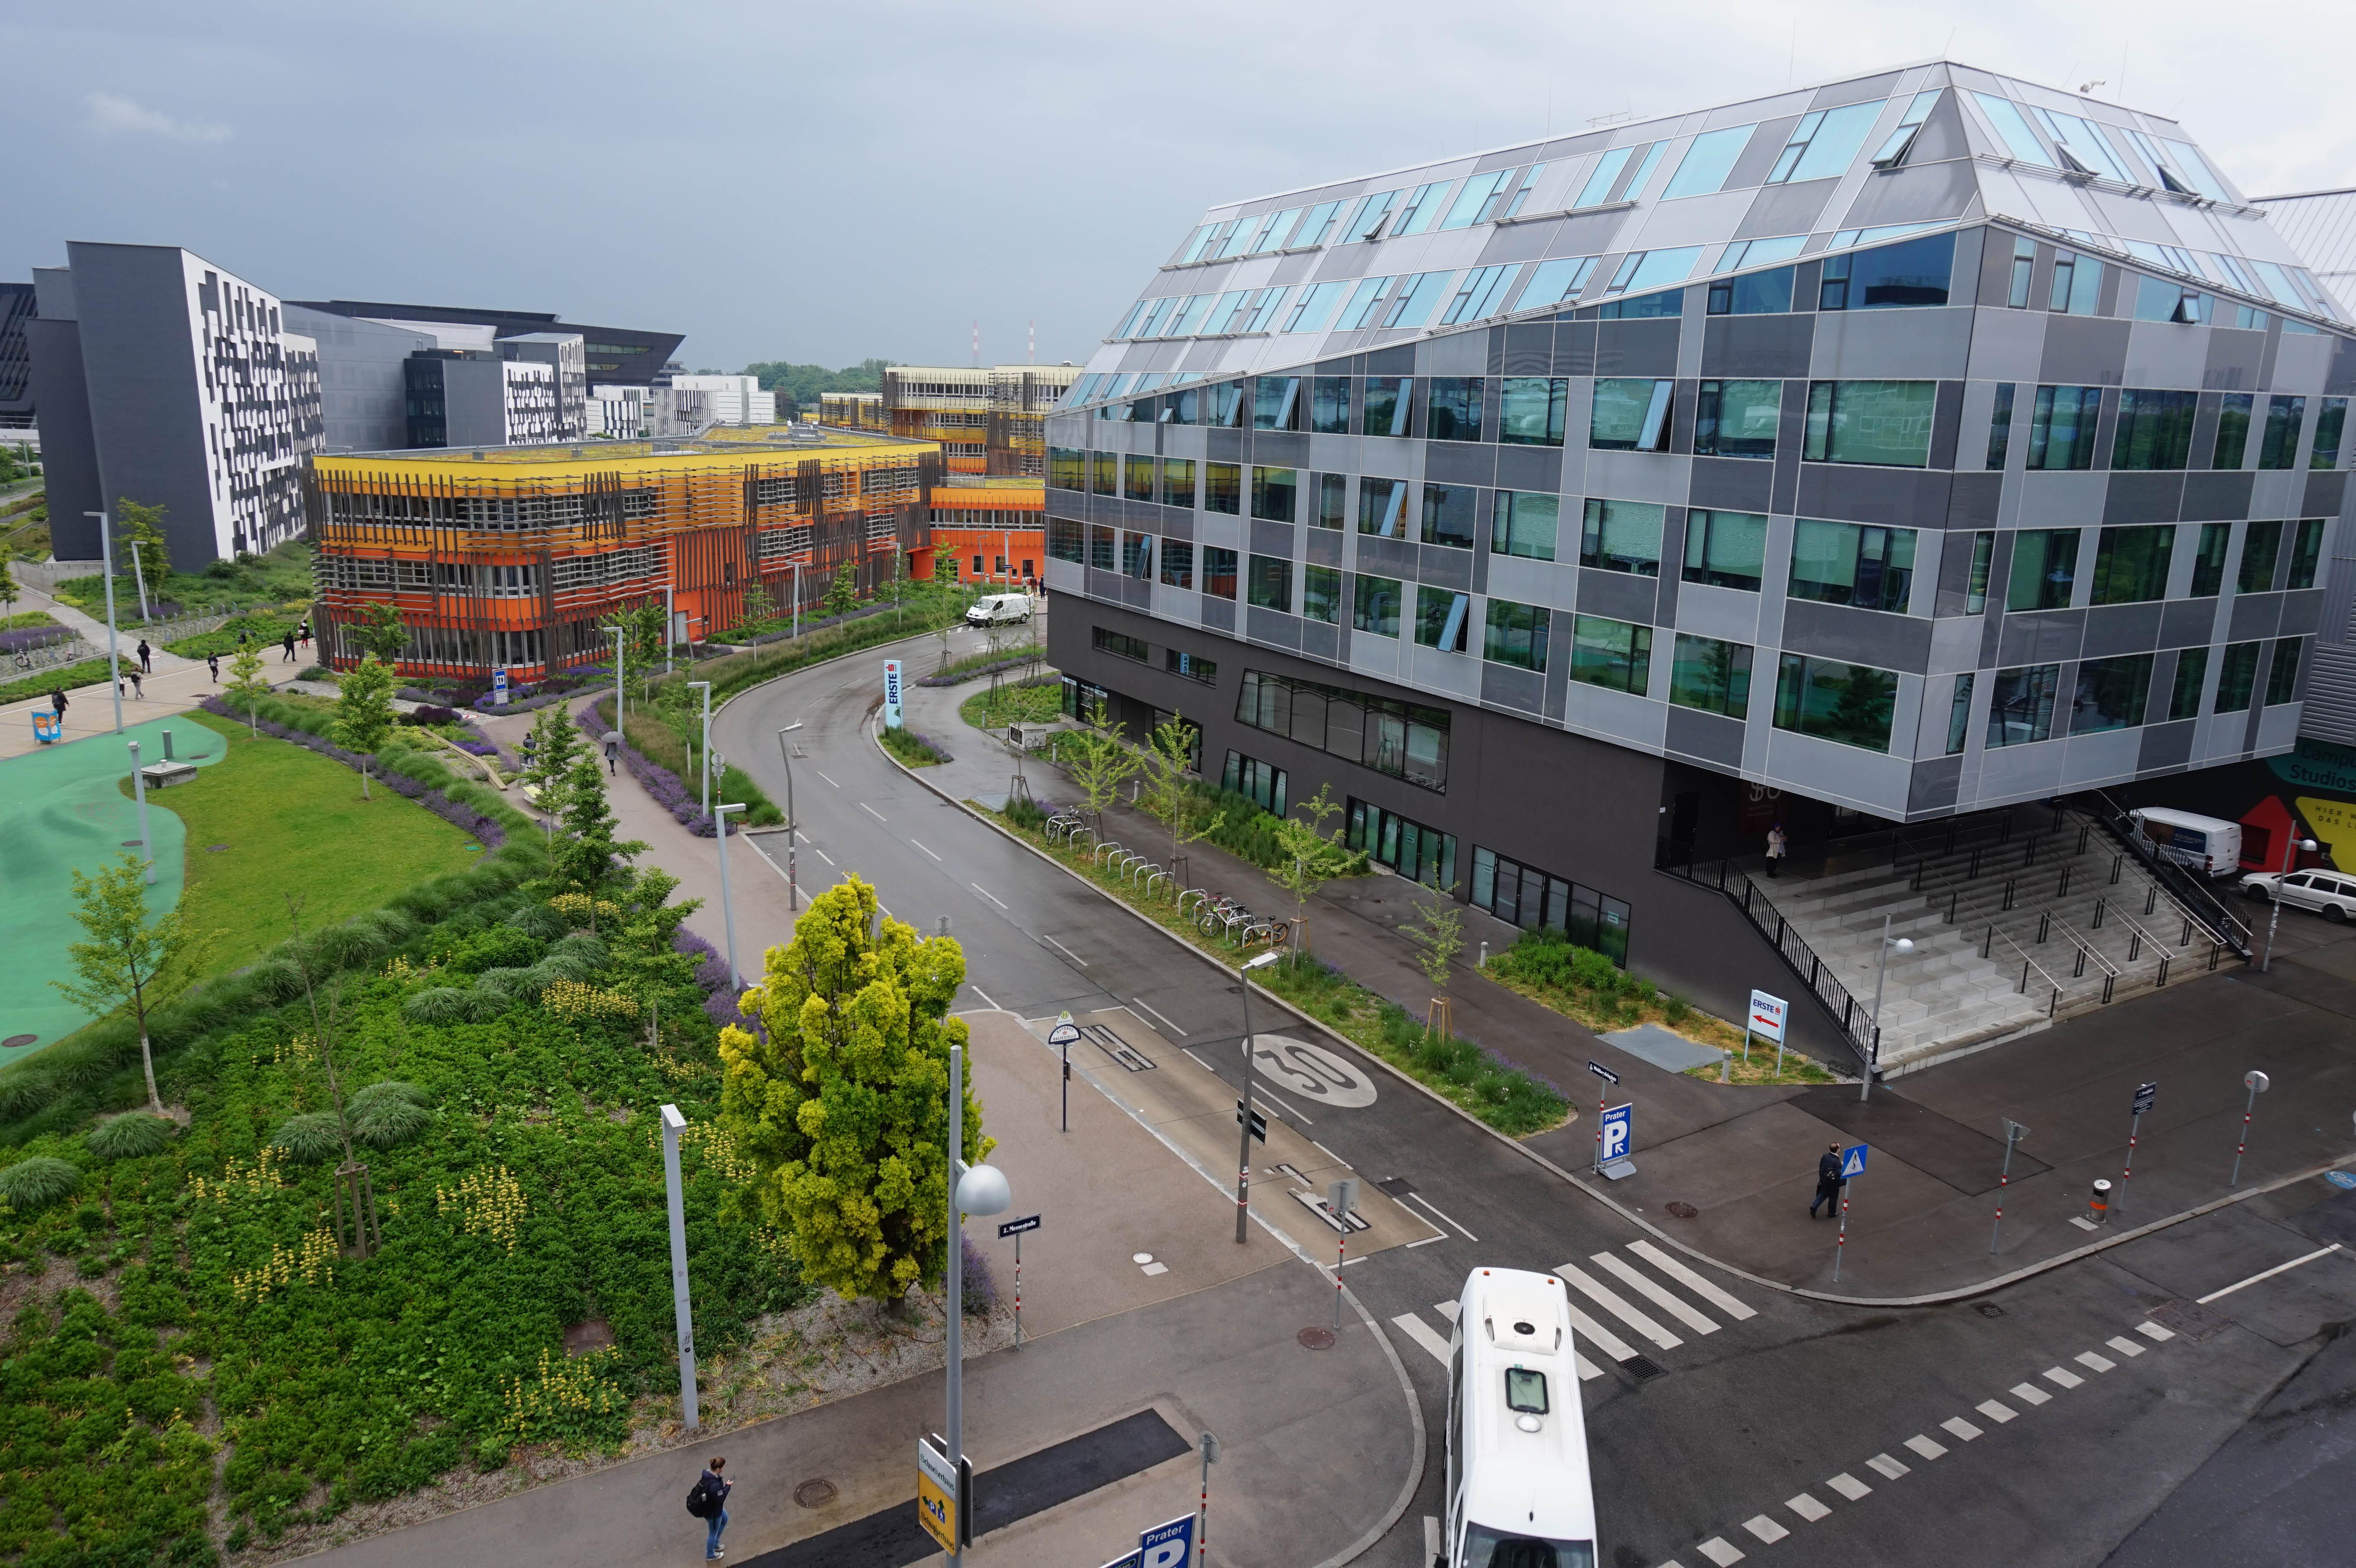 Freud-Universität Wien